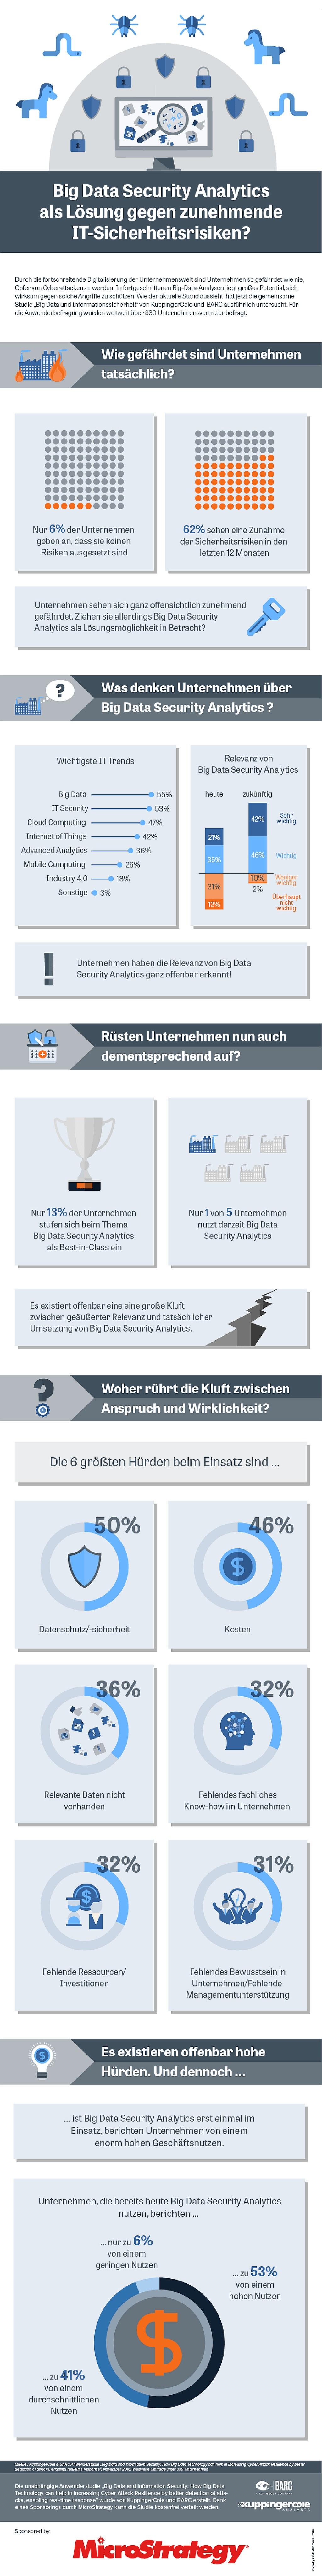 infografik-barc-big-data-security-analytics